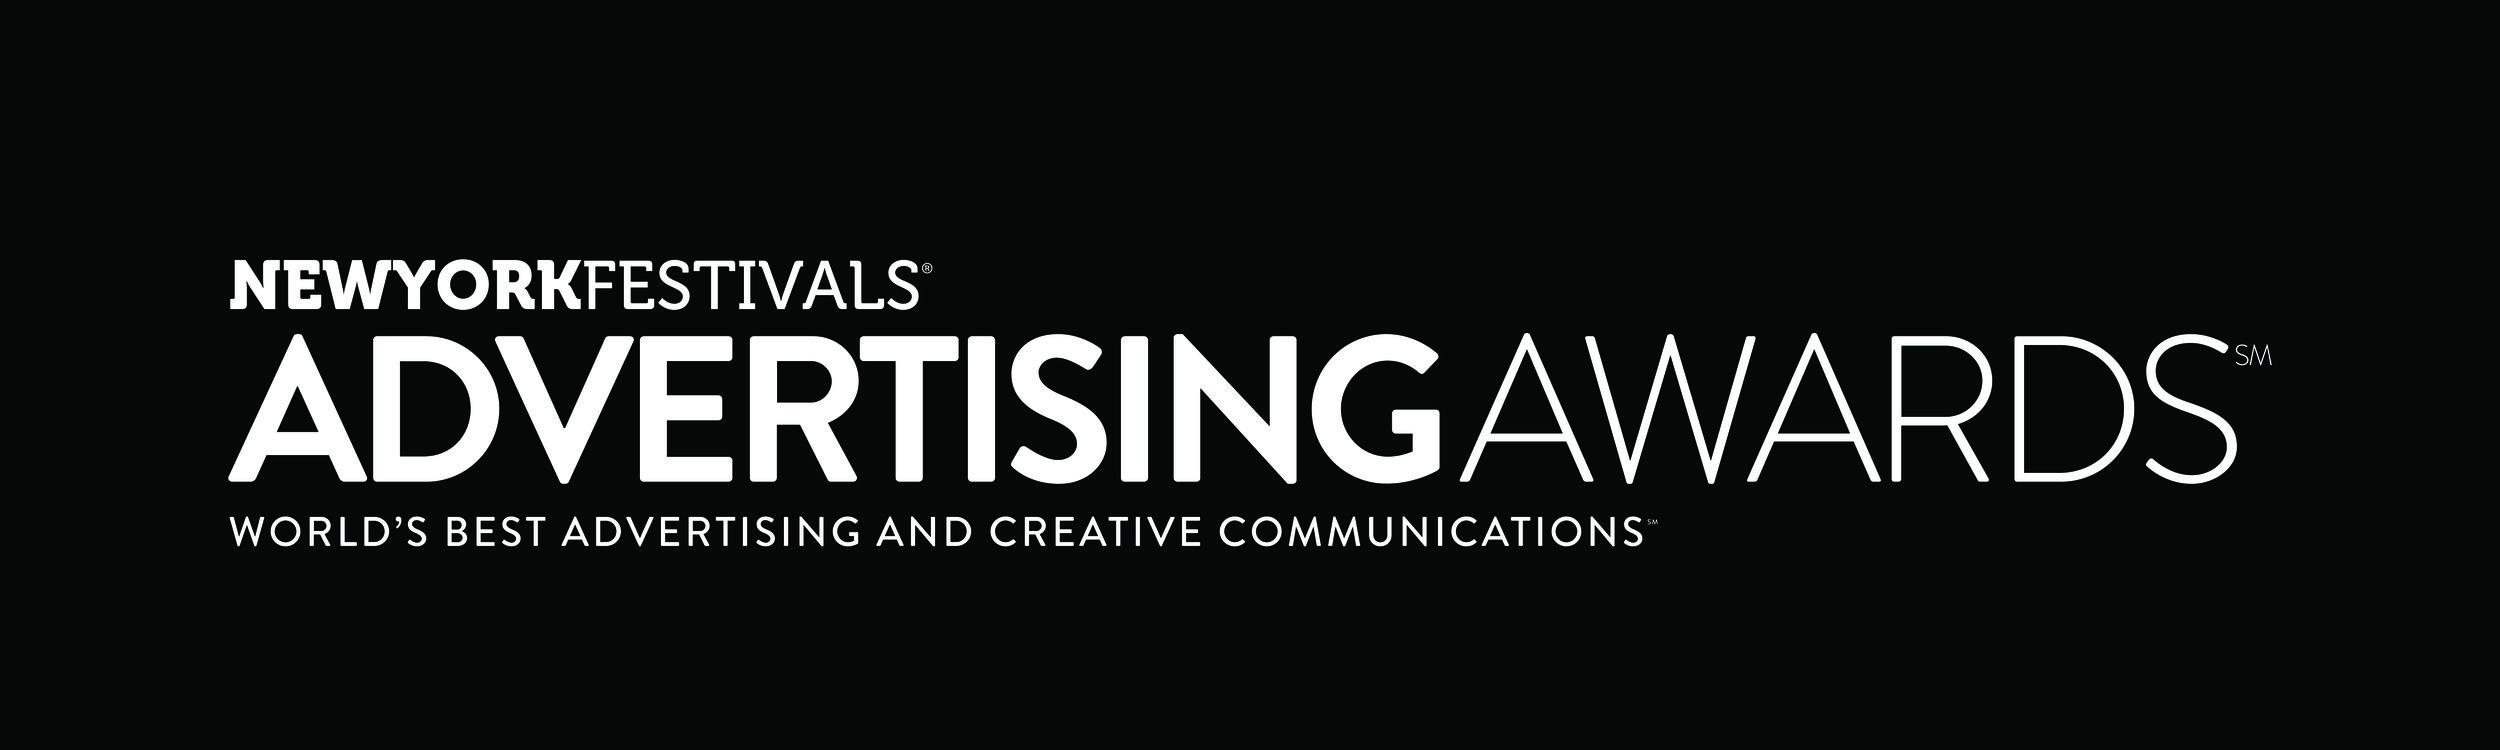 advertising+awards_blk.jpg